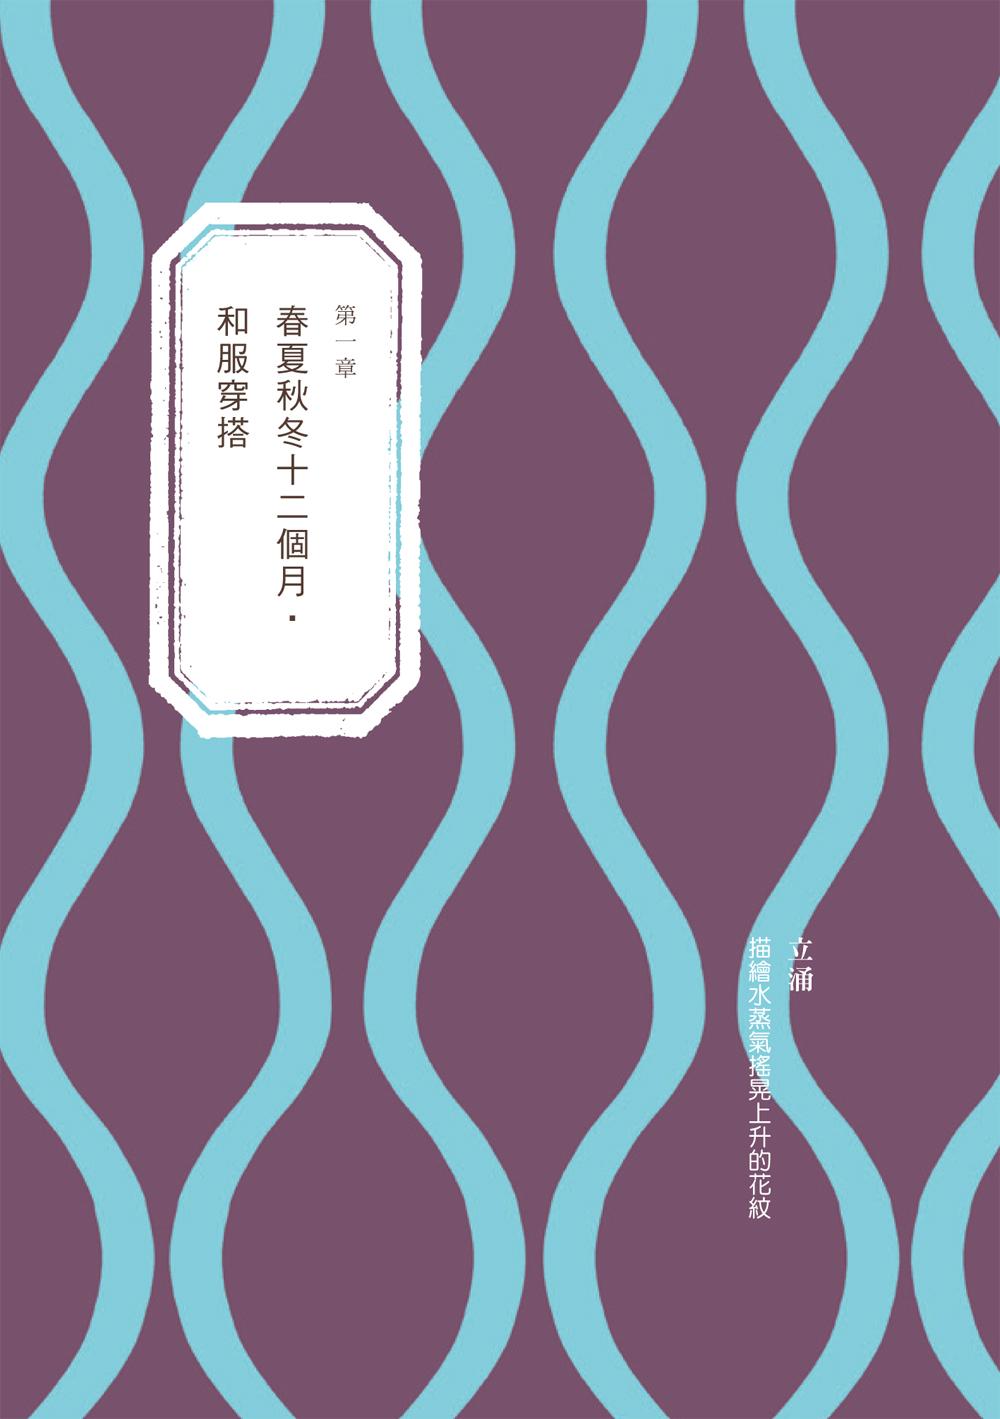 http://im2.book.com.tw/image/getImage?i=http://www.books.com.tw/img/001/070/17/0010701758_b_01.jpg&v=56813a17&w=655&h=609